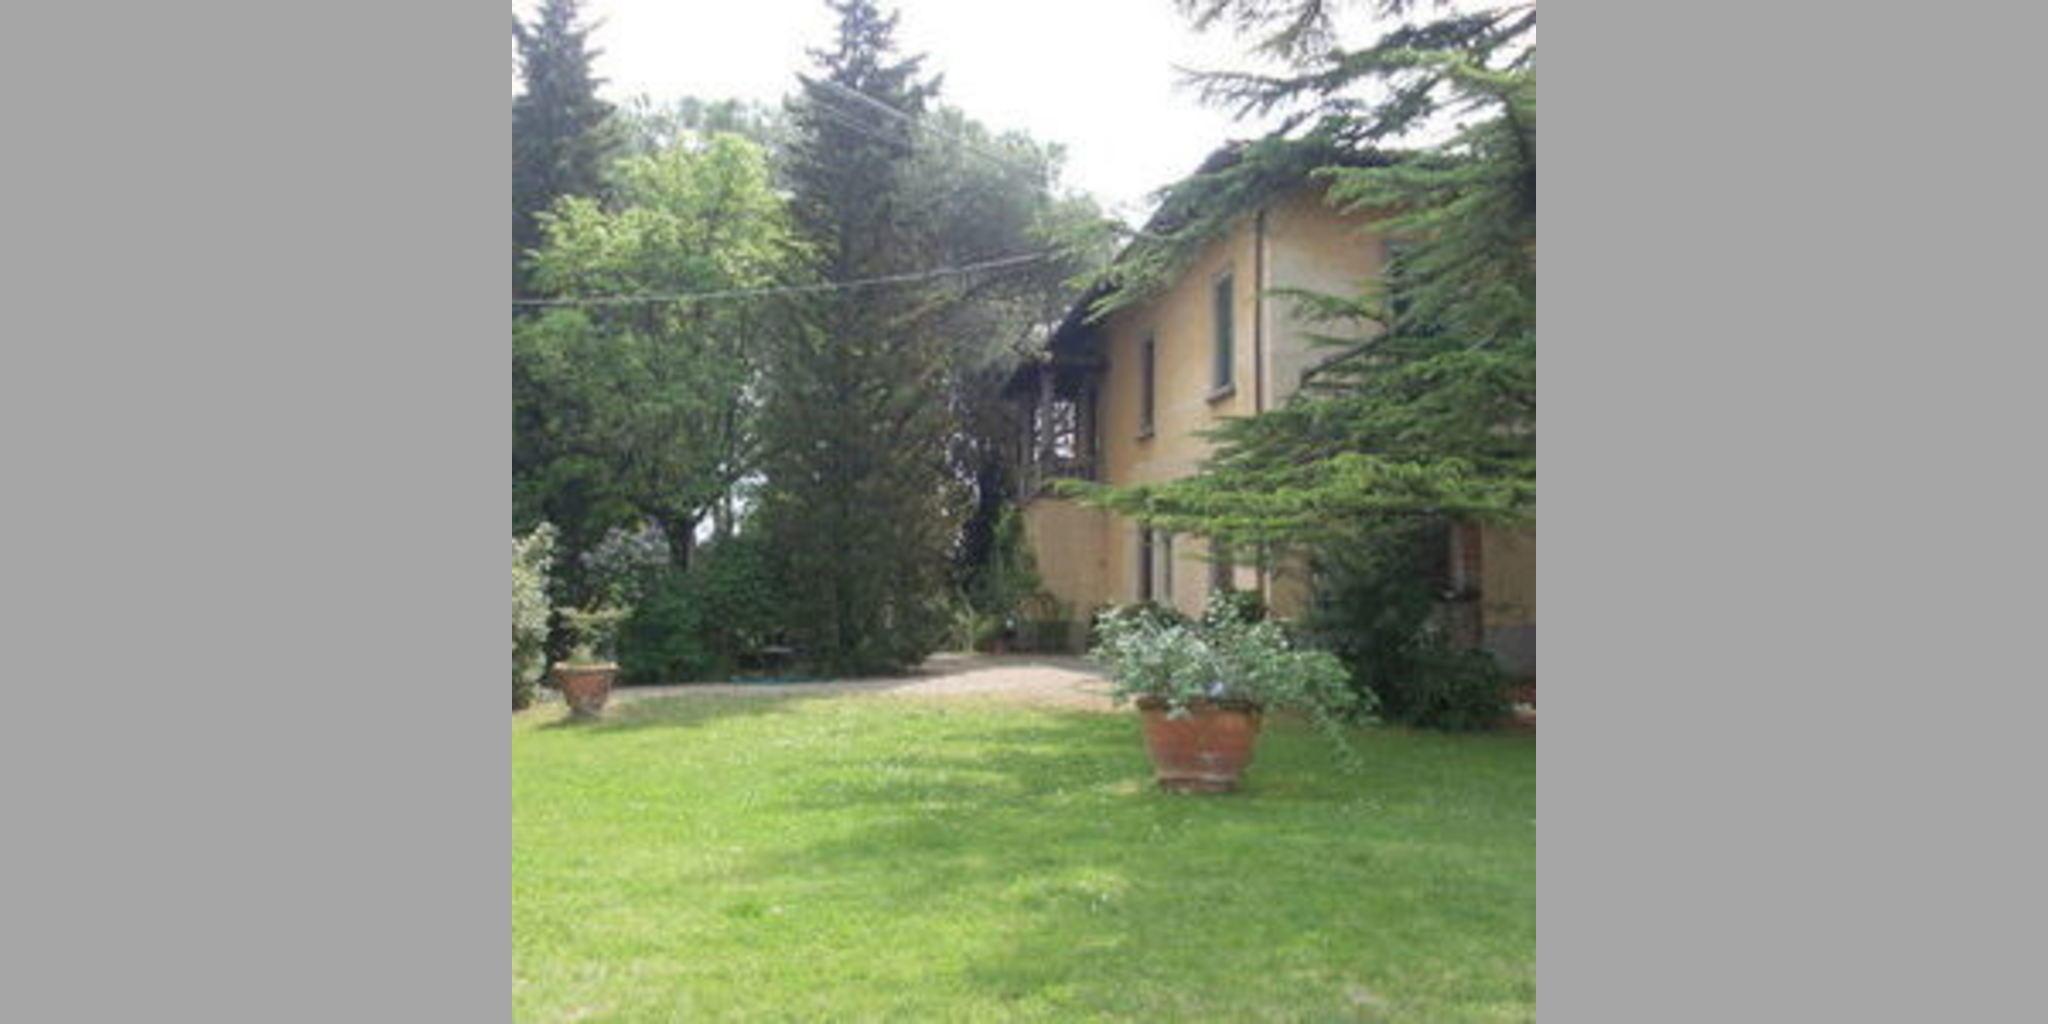 Bed & Breakfast Impruneta - In Villa Nel Chianti